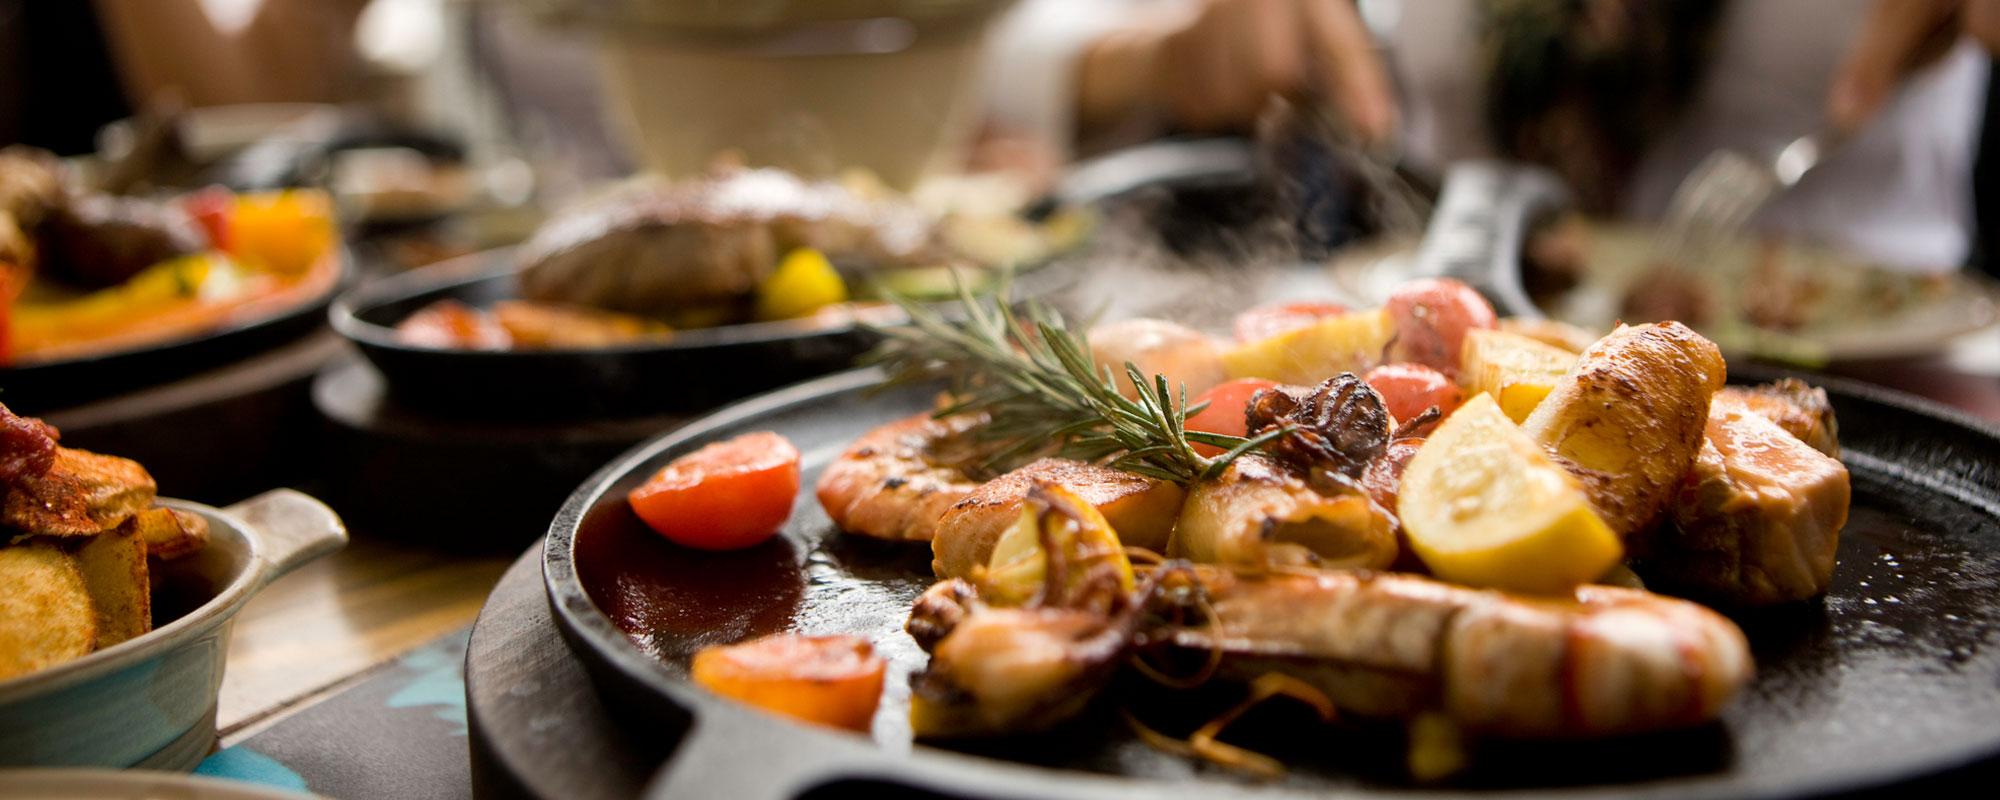 backporch restaurant, seafood restaurant destin fl